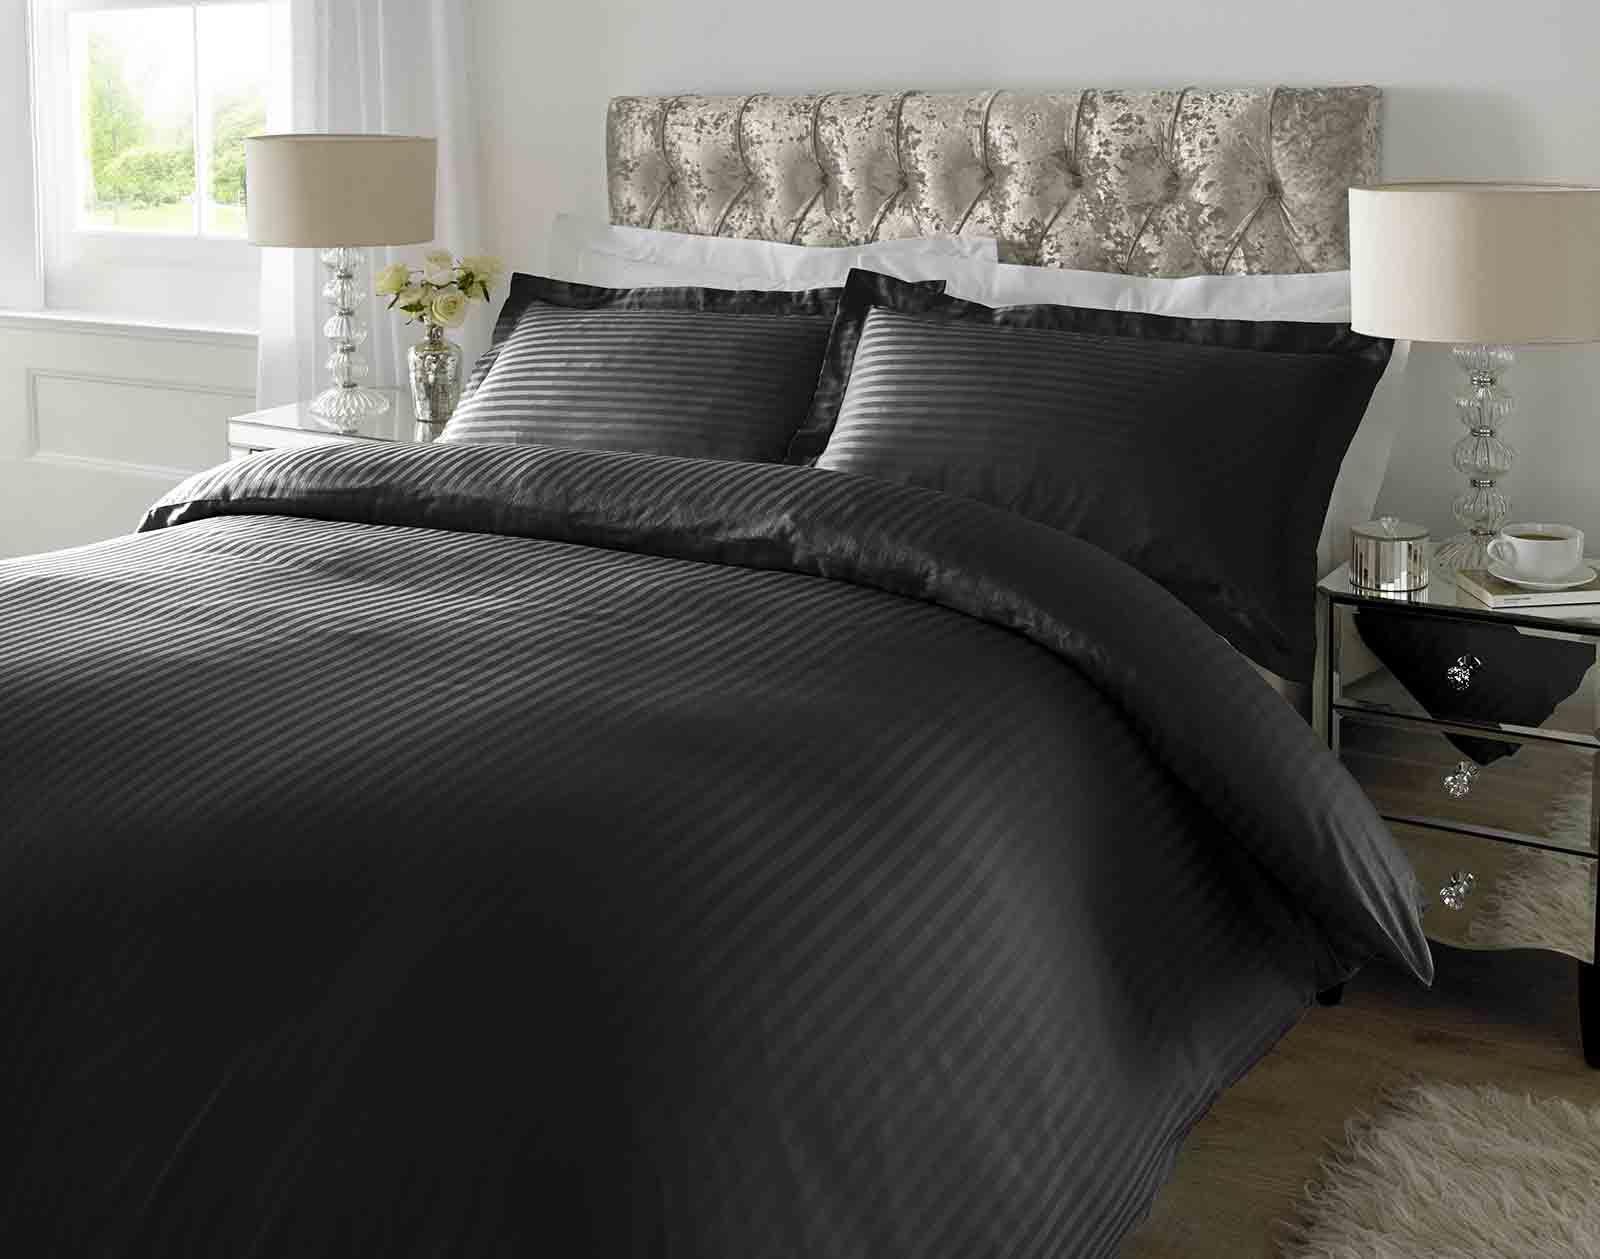 100 Cotton Luxury Duvet Cover Set Pillow Case Bedding